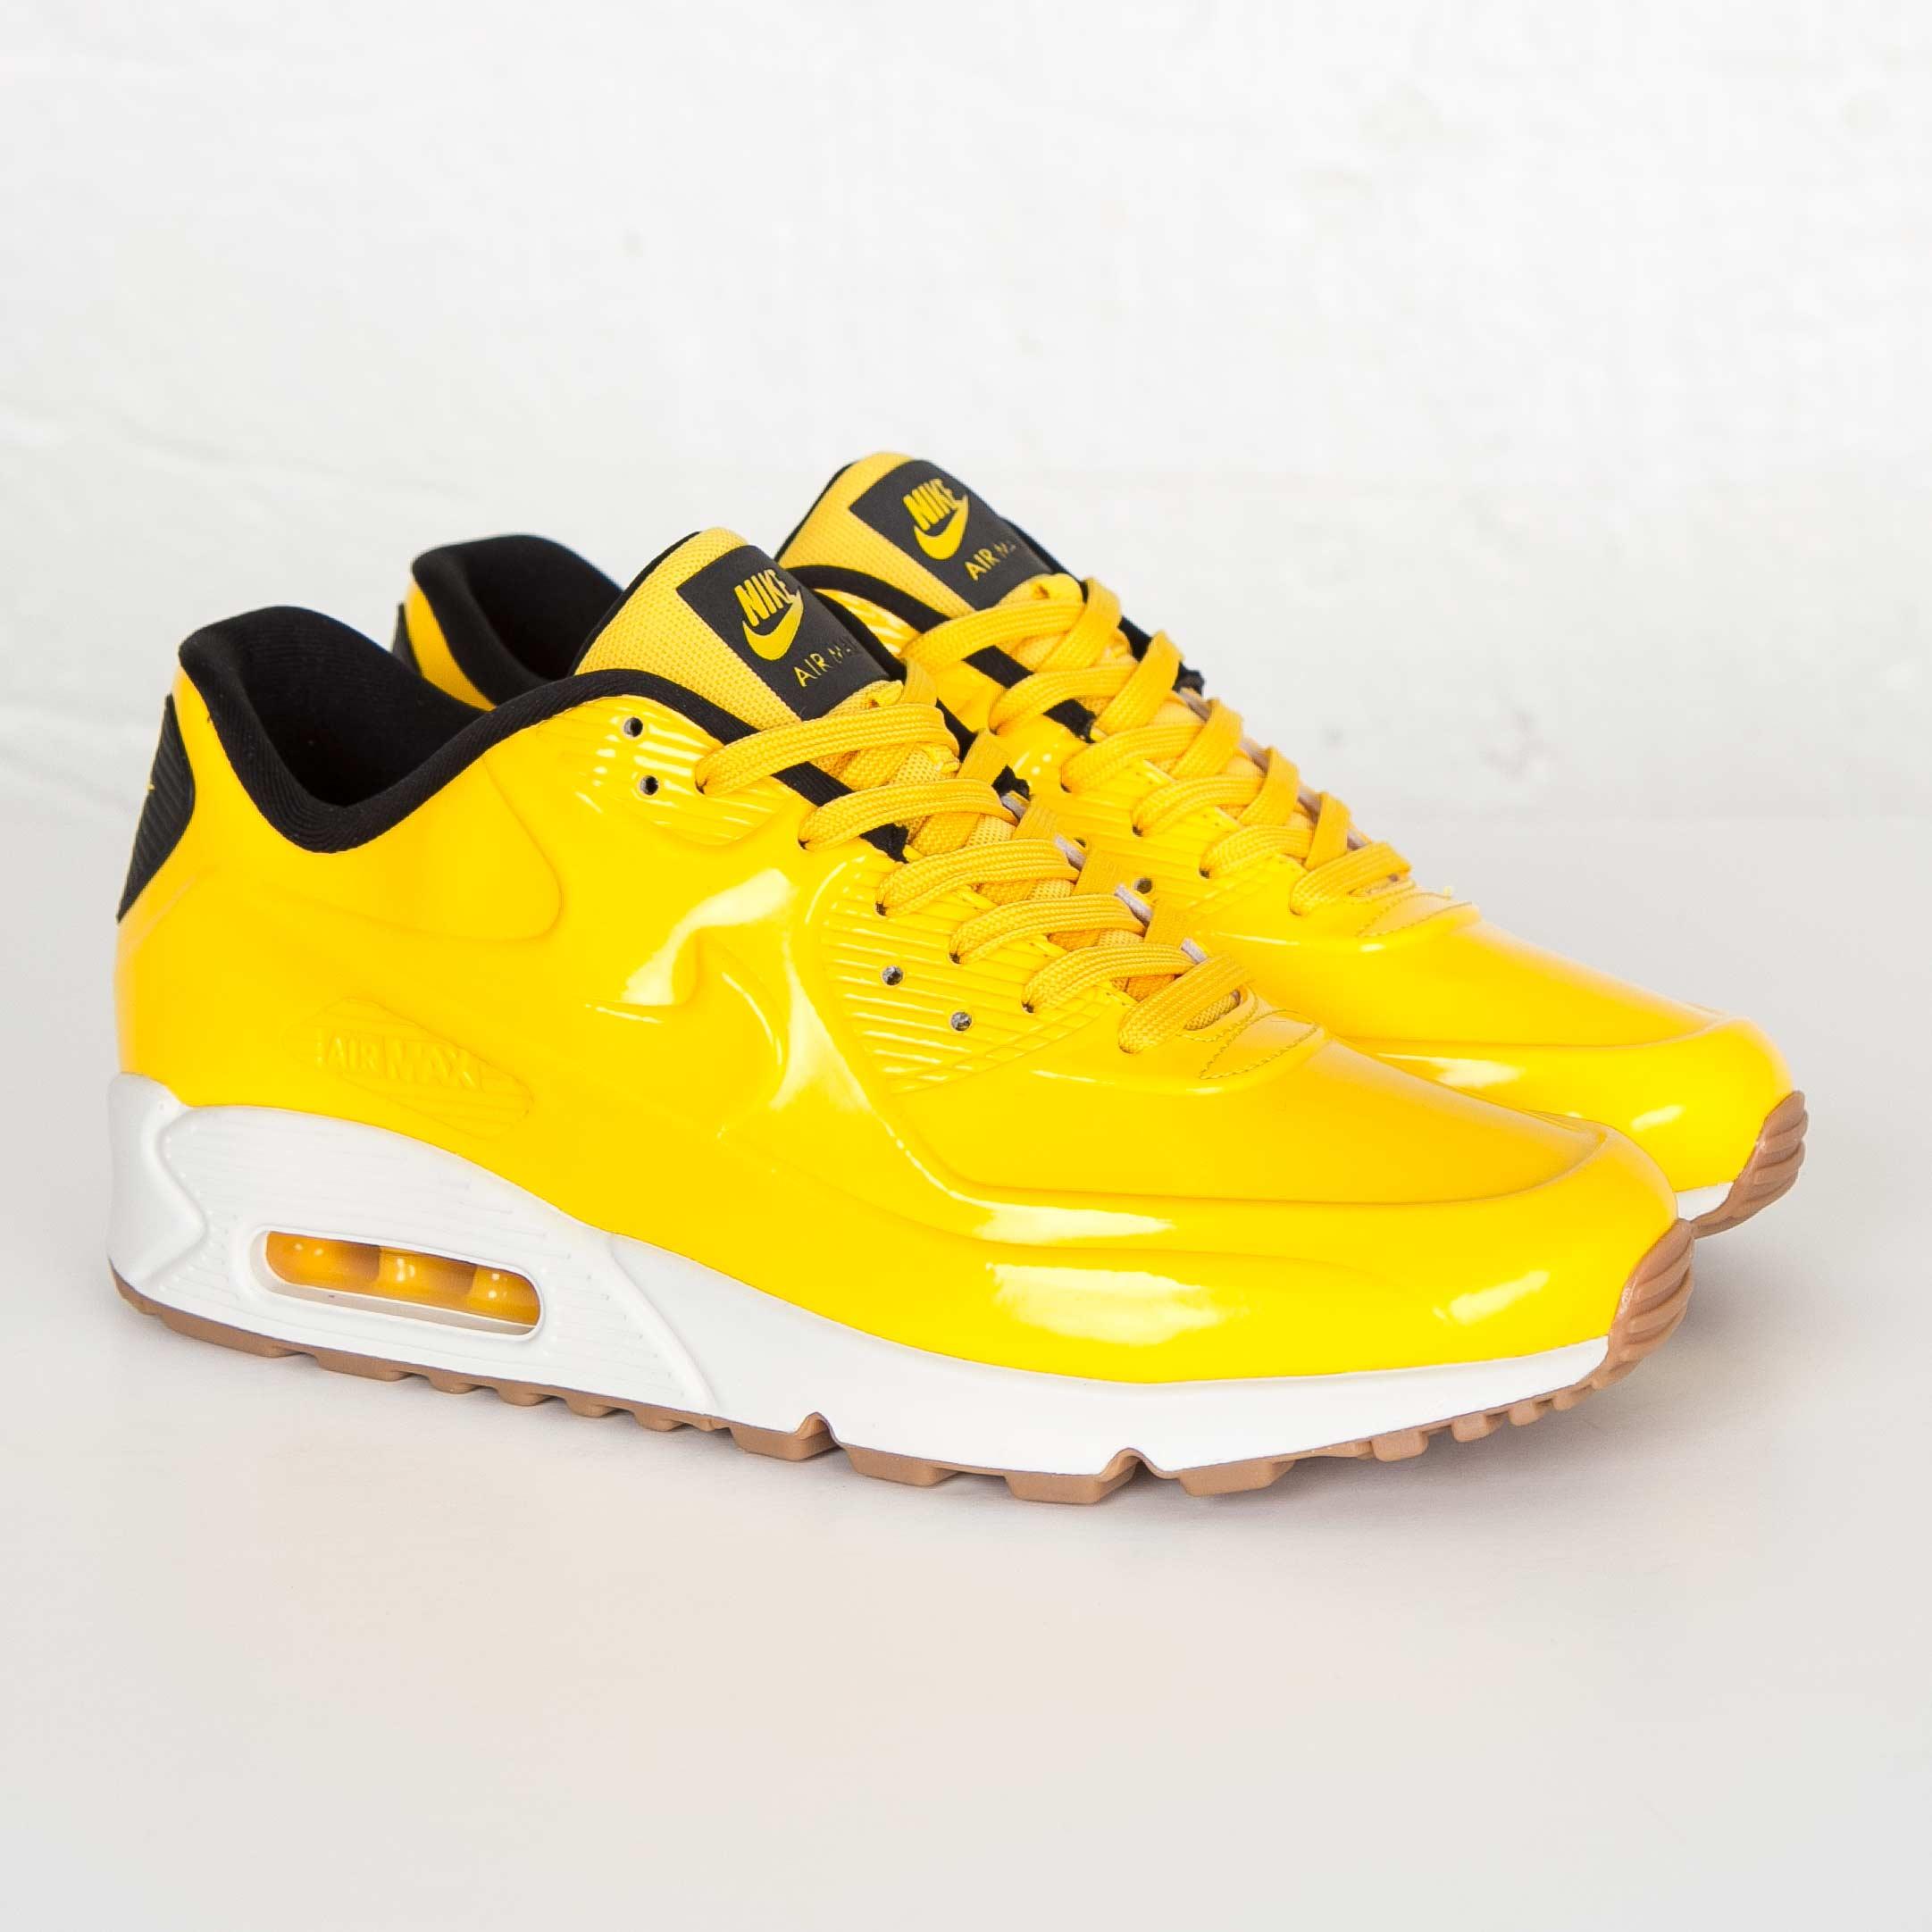 size 40 9f829 9a0ba Nike Air Max 90 VT QS